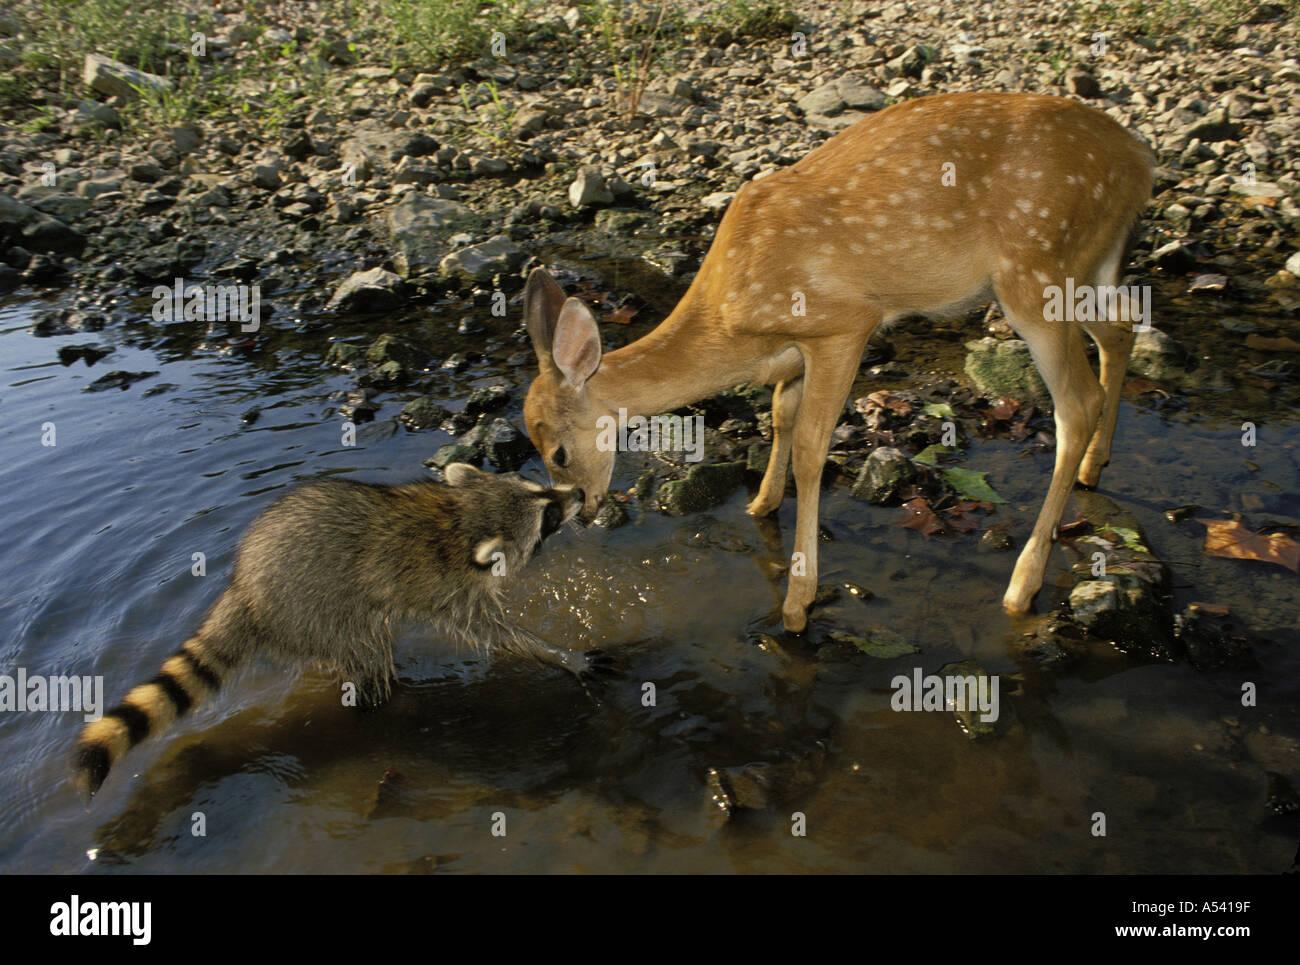 Autsch: Raccoon (Procyon Lotor) Creek beißt weiß - angebundene Rotwild Rehkitz auf der Nase (2. Reihe), Stockbild